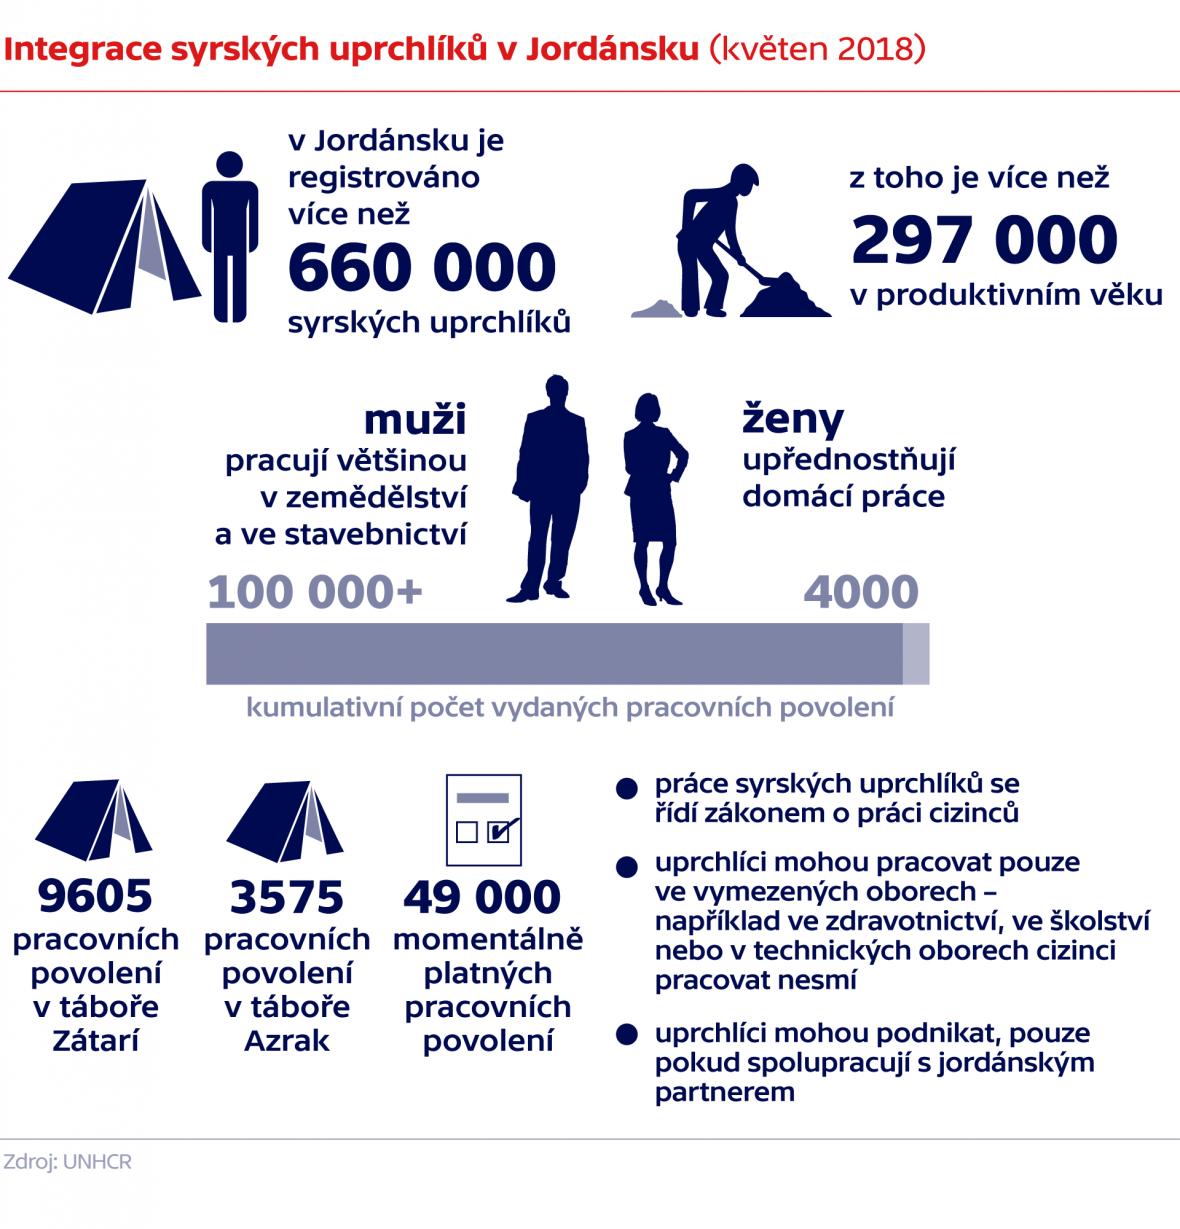 Integrace syrských uprchlíků v Jordánsku (květen 2018)